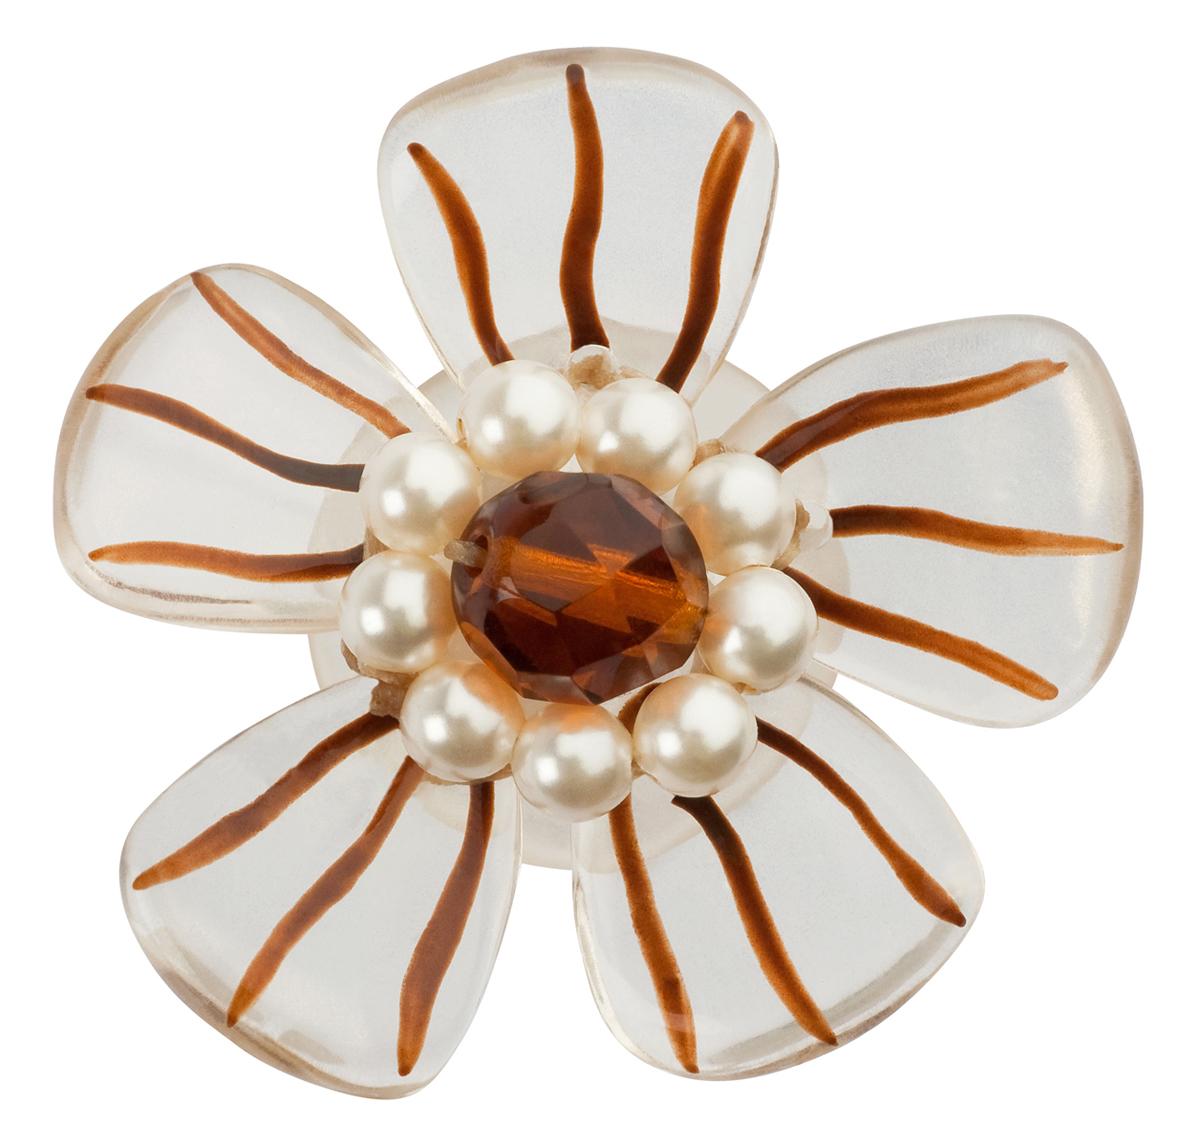 Клипсы Lalo Treasures Autumn, цвет: белый, коричневый. E3484-2E3484-2Яркие дизайнерские акссесуары от Lalo Treasures станут отличным дополнением к Вашему стилю